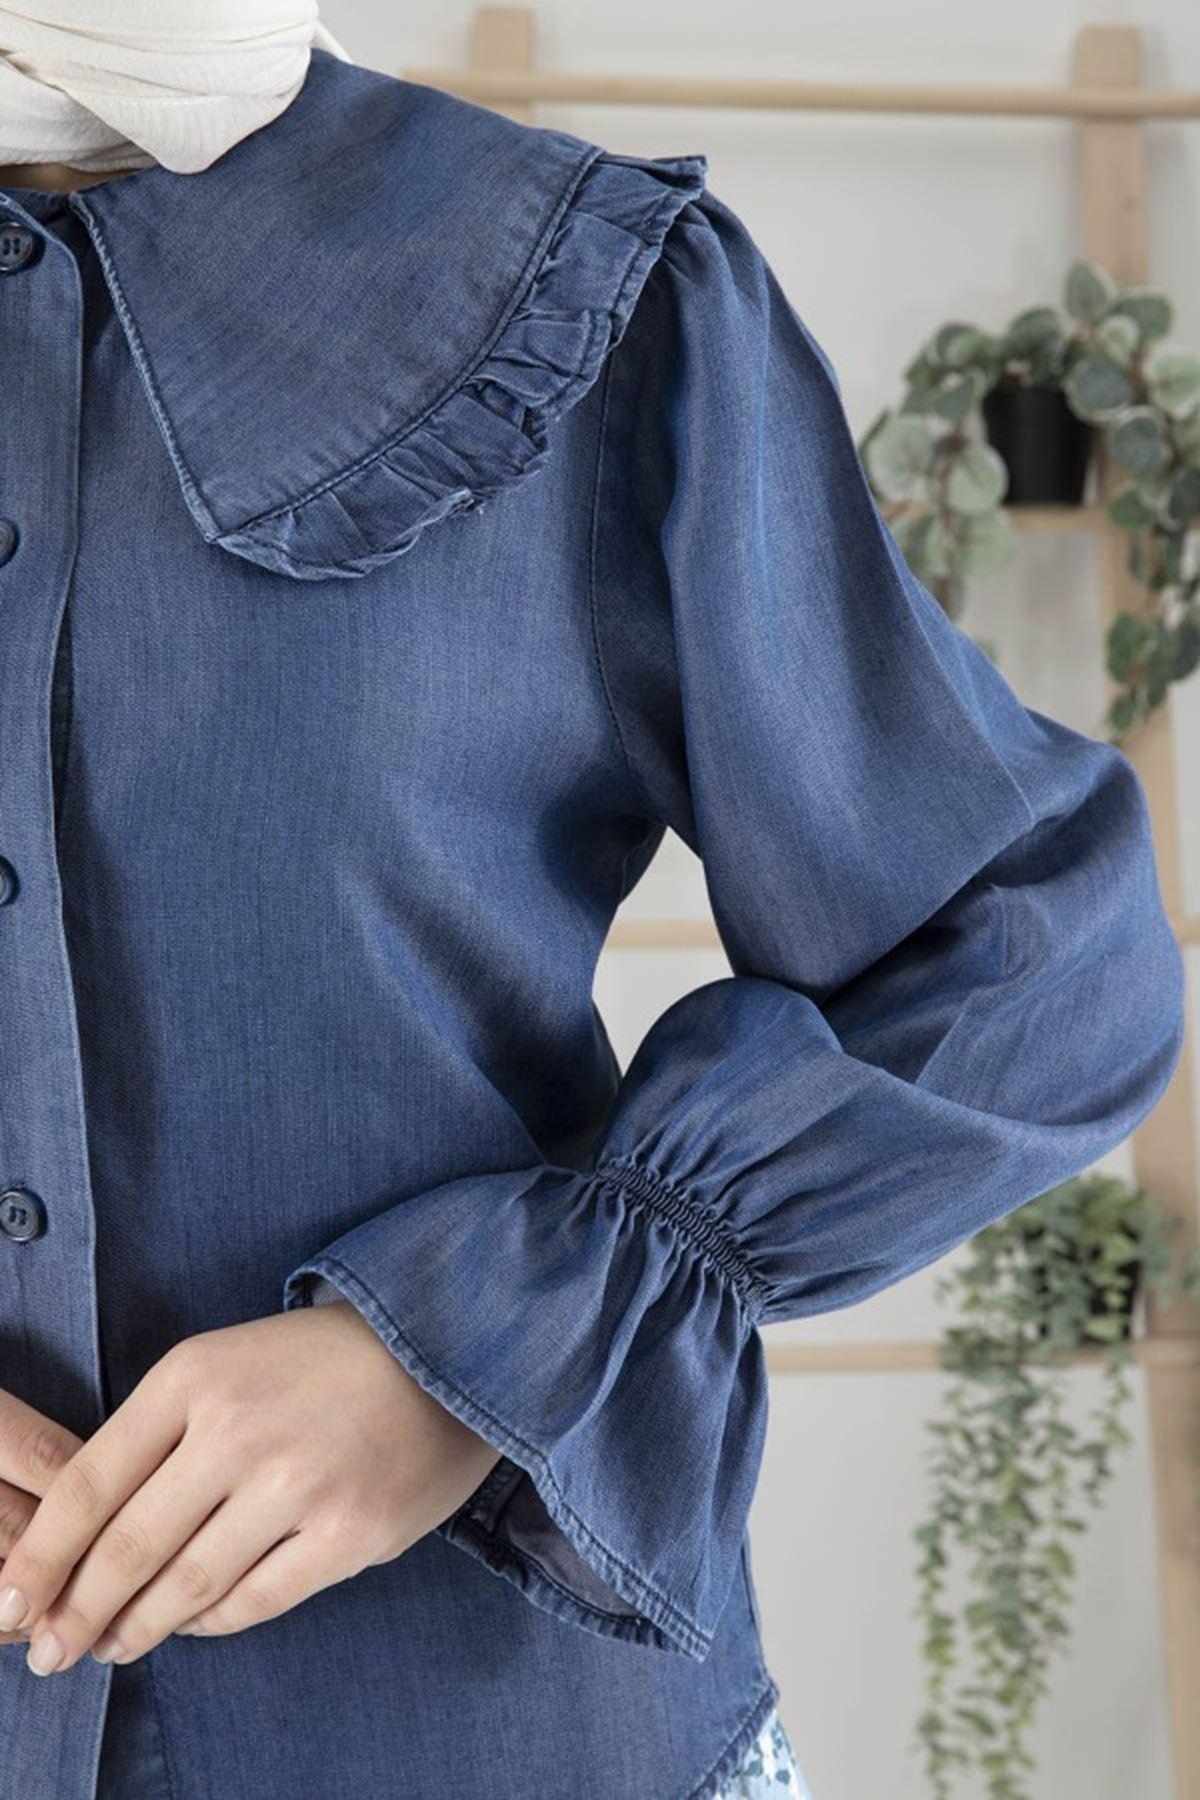 Kadın Bebe Yaka Kol Büzgülü Tensel Bluz - Mavi